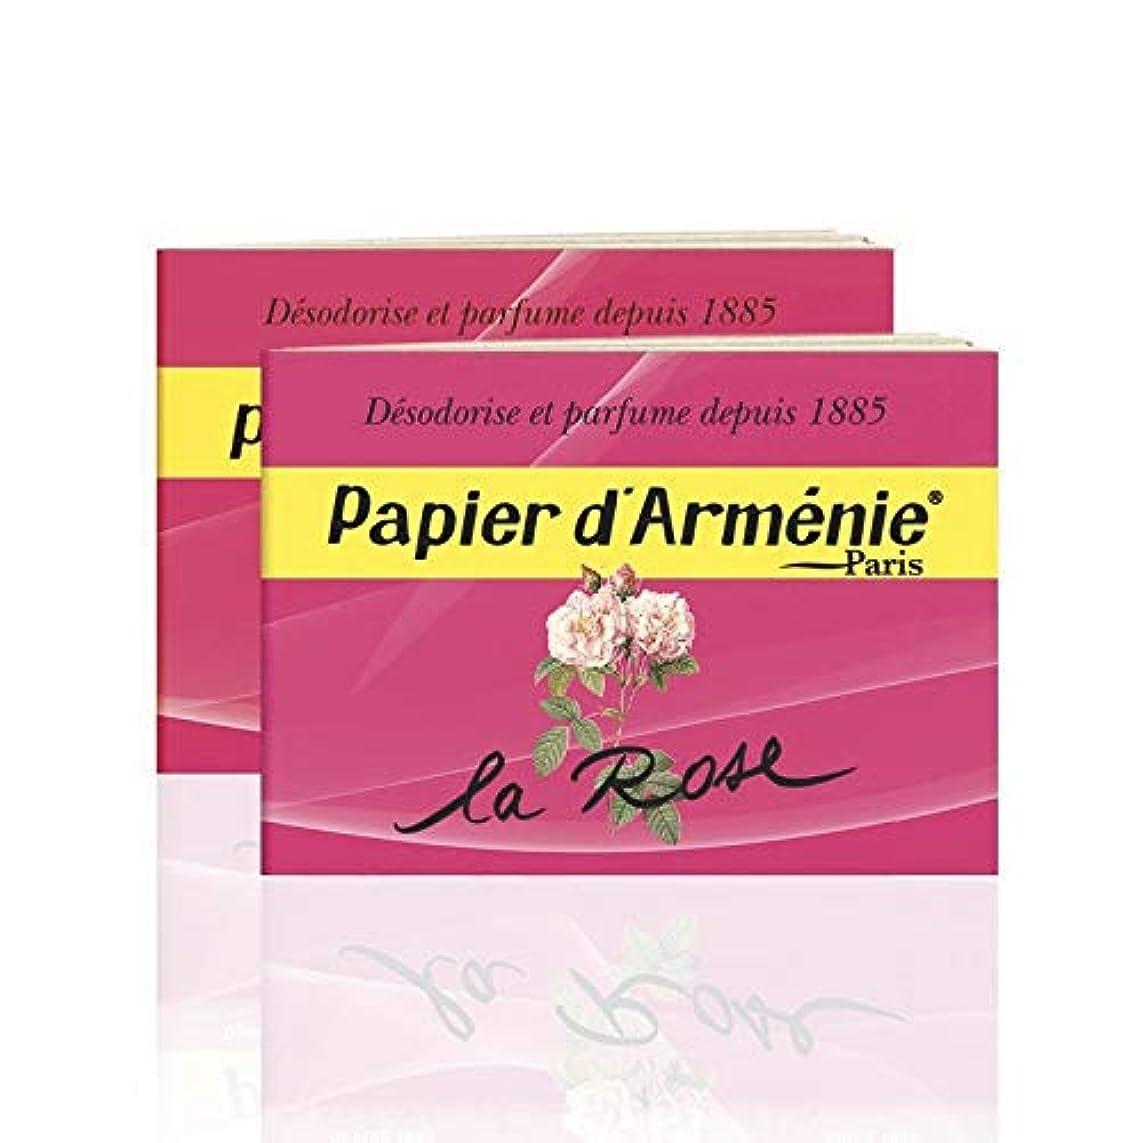 睡眠こだわり雲パピエダルメニィ ローズ Papier d'Armenie La Rose (3)